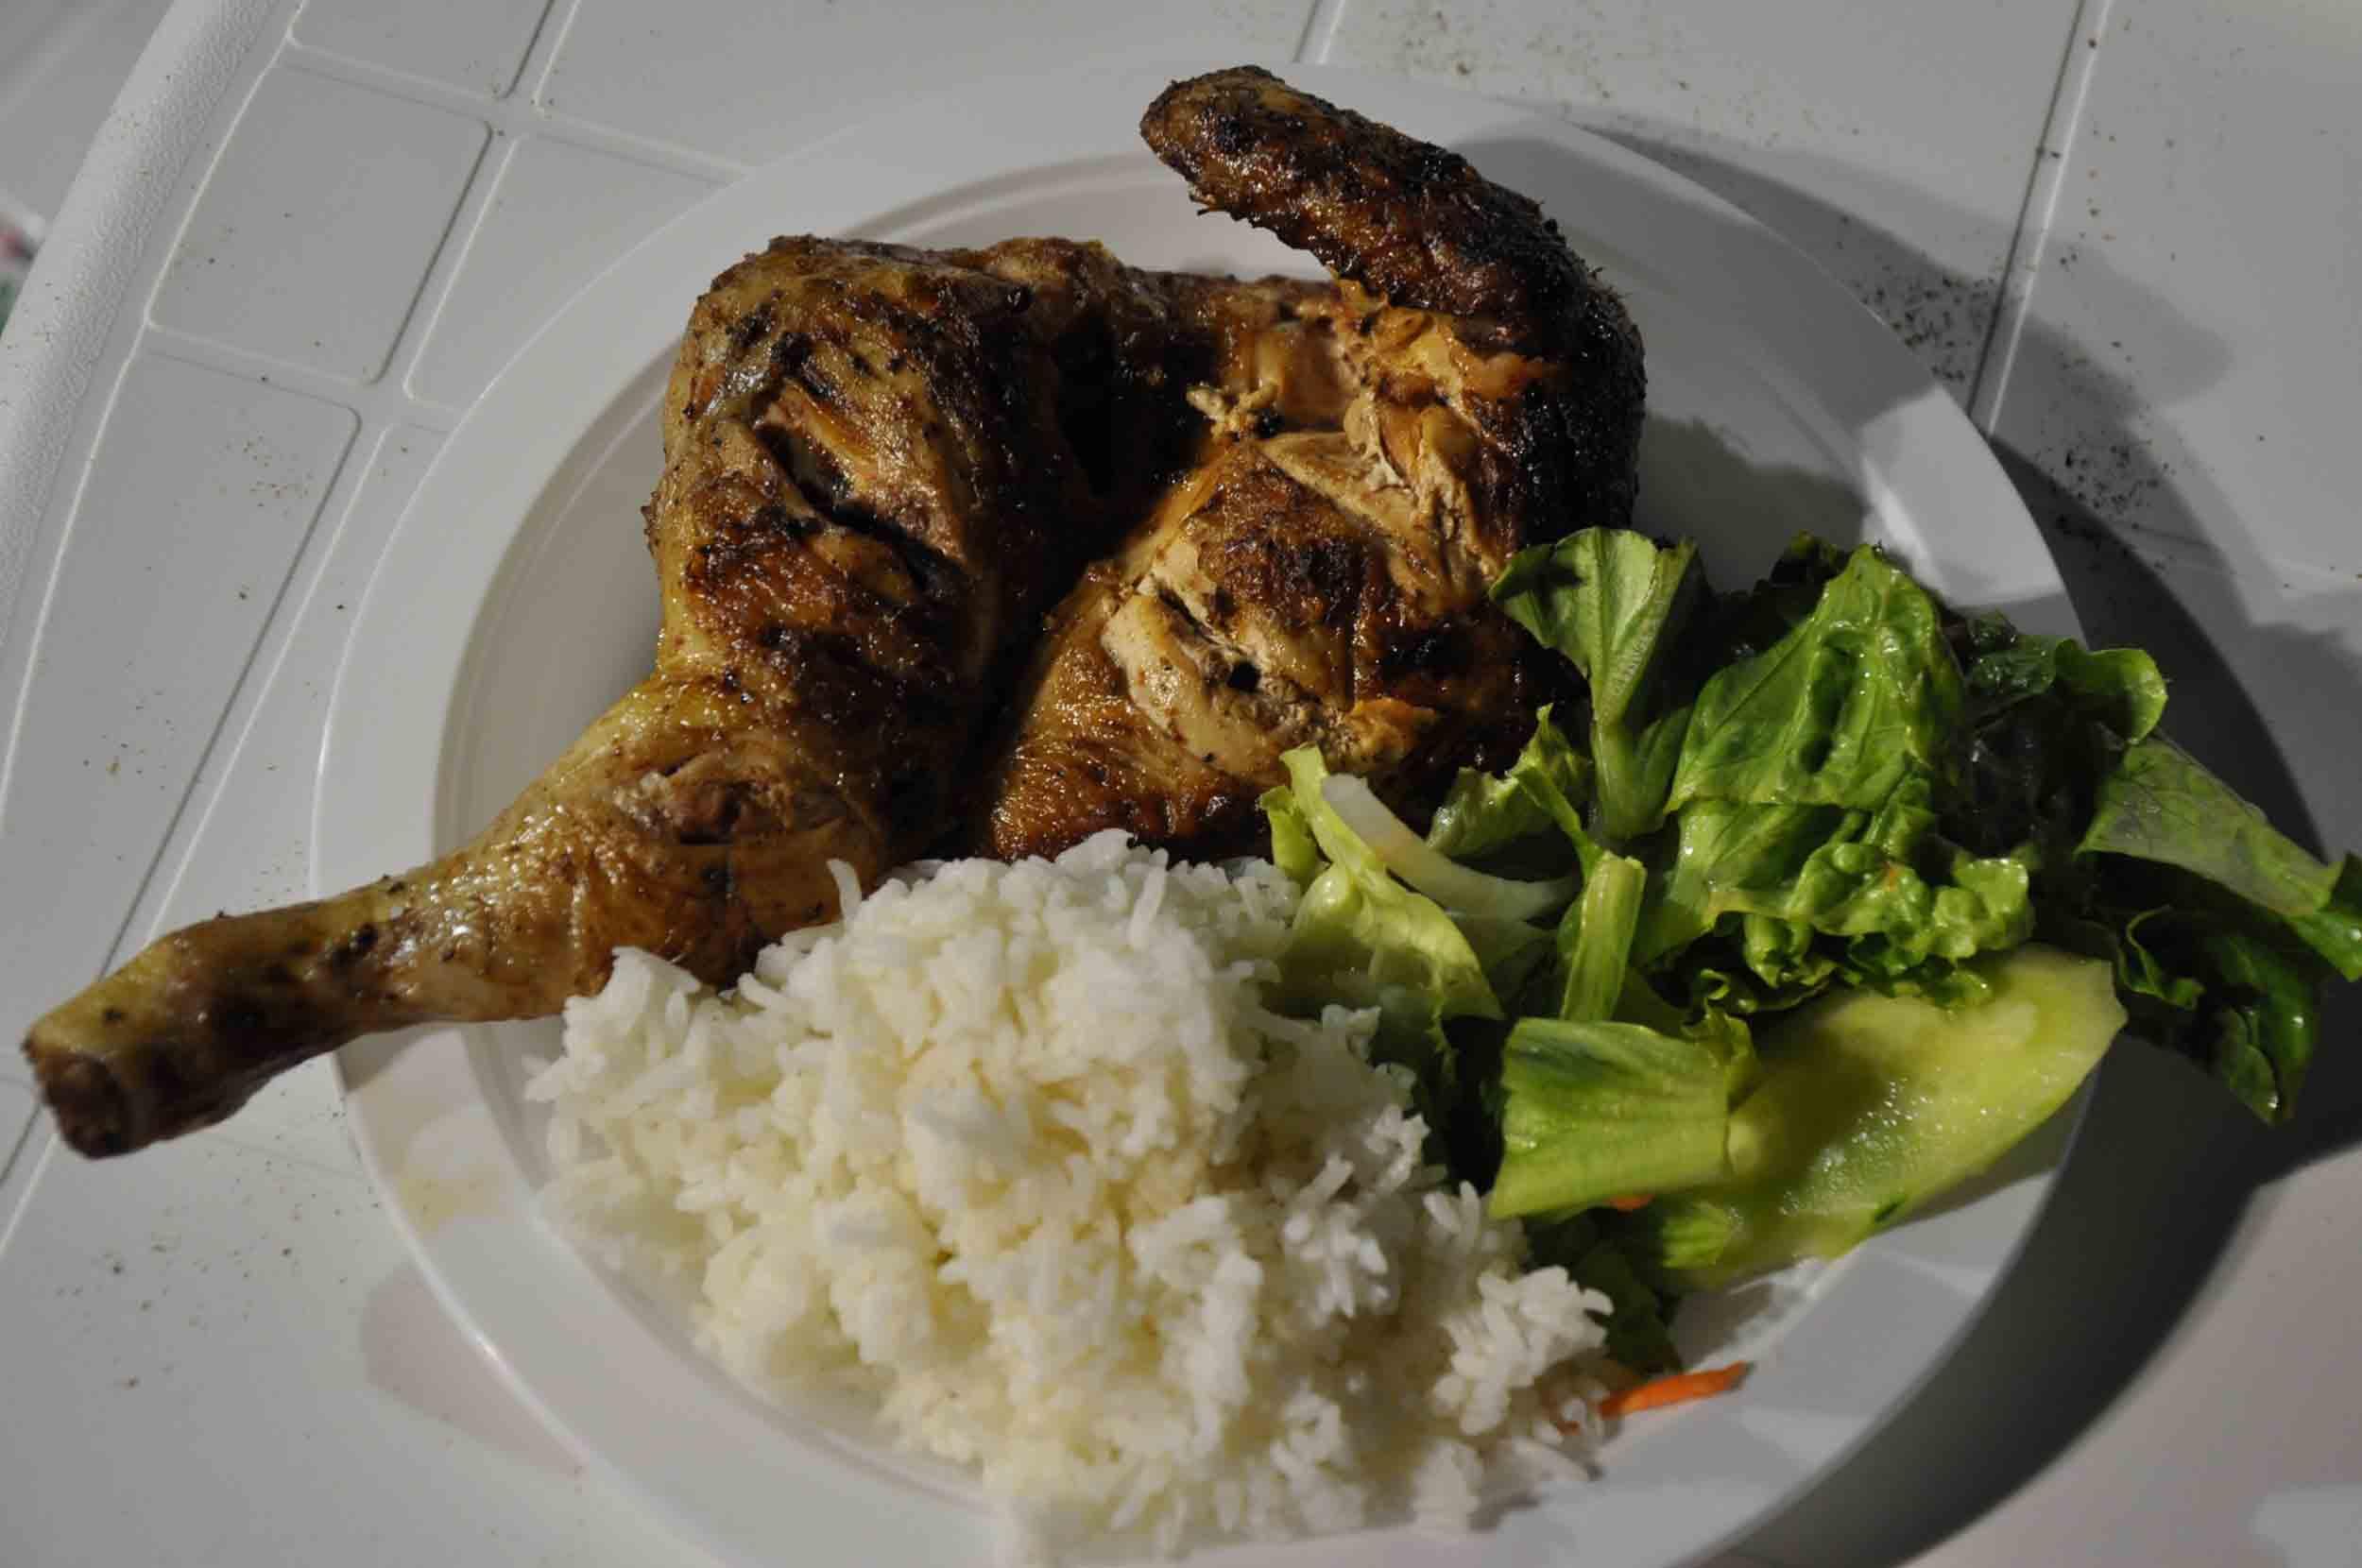 Lusofonia Festival Barbecue Chicken